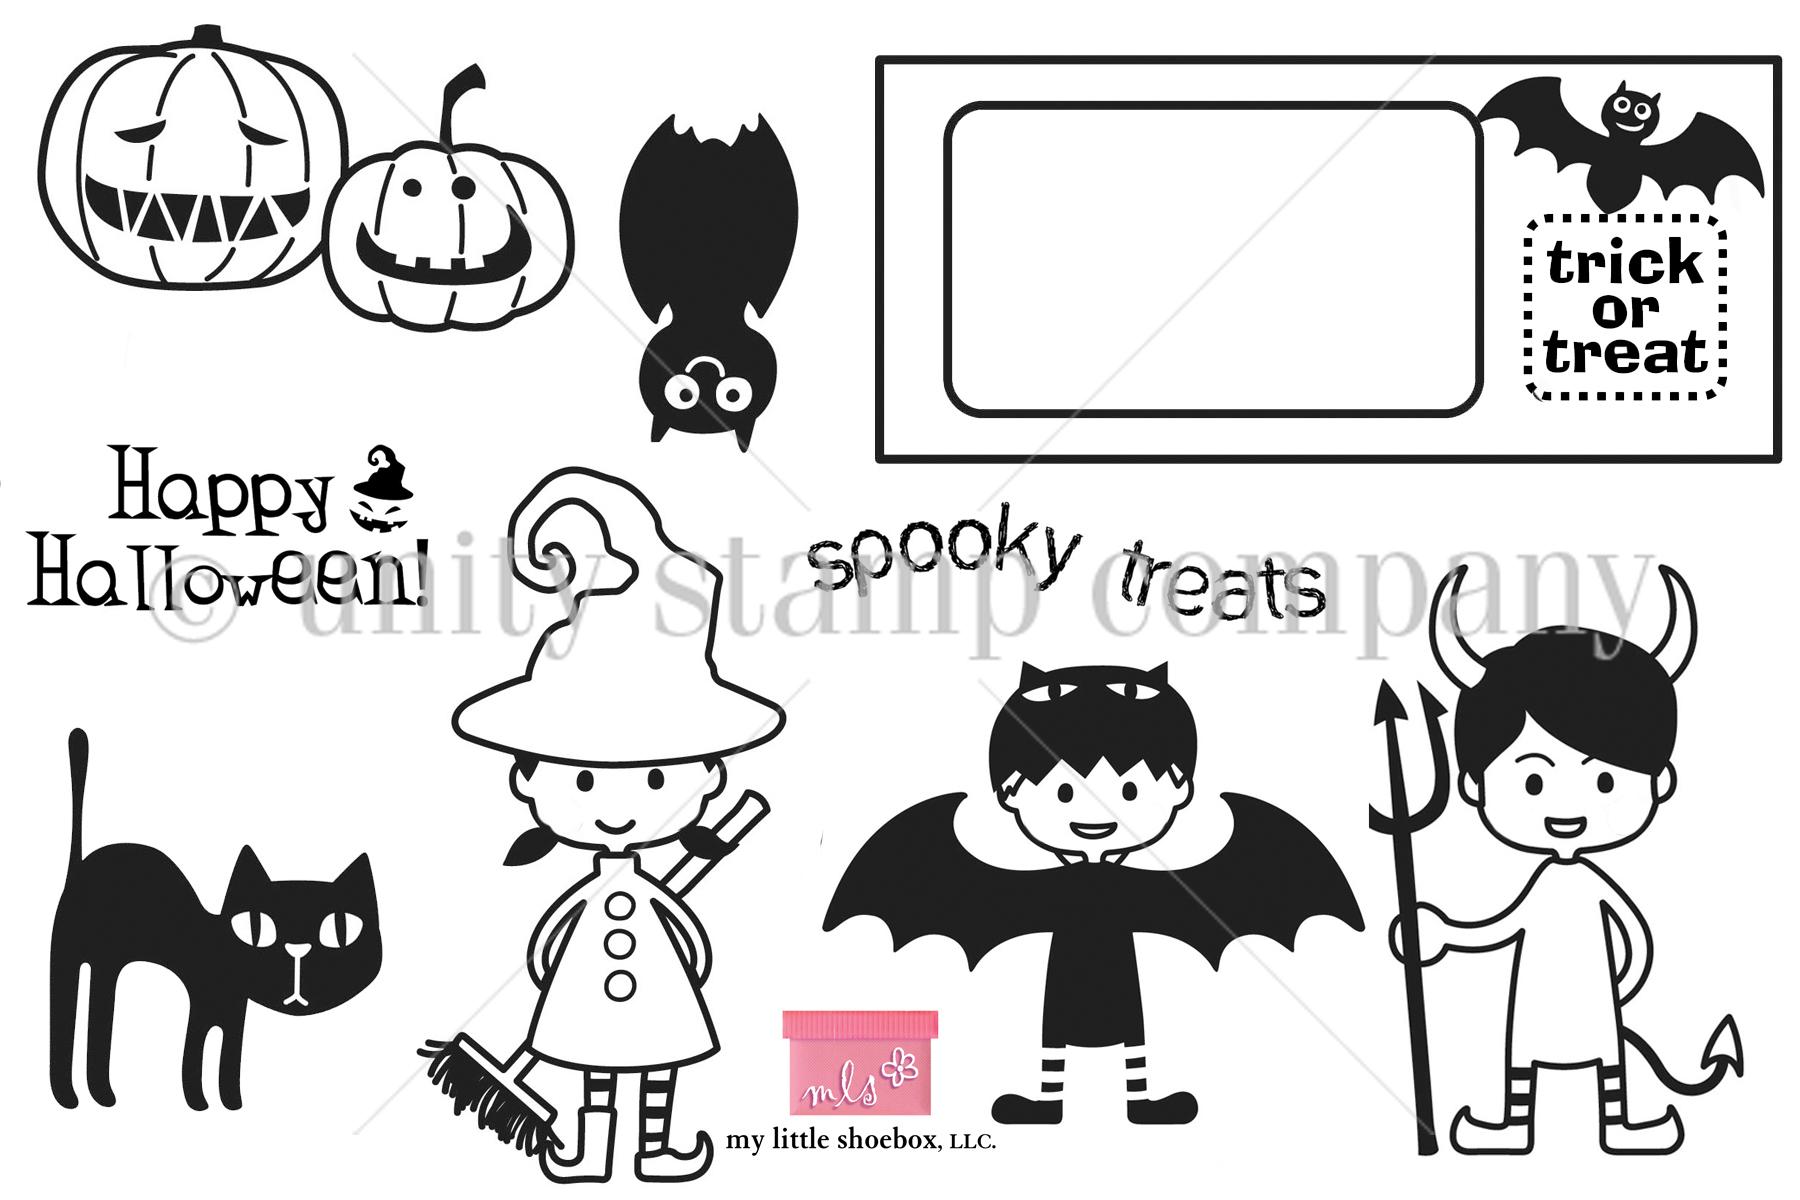 Little spooky treats PROMO